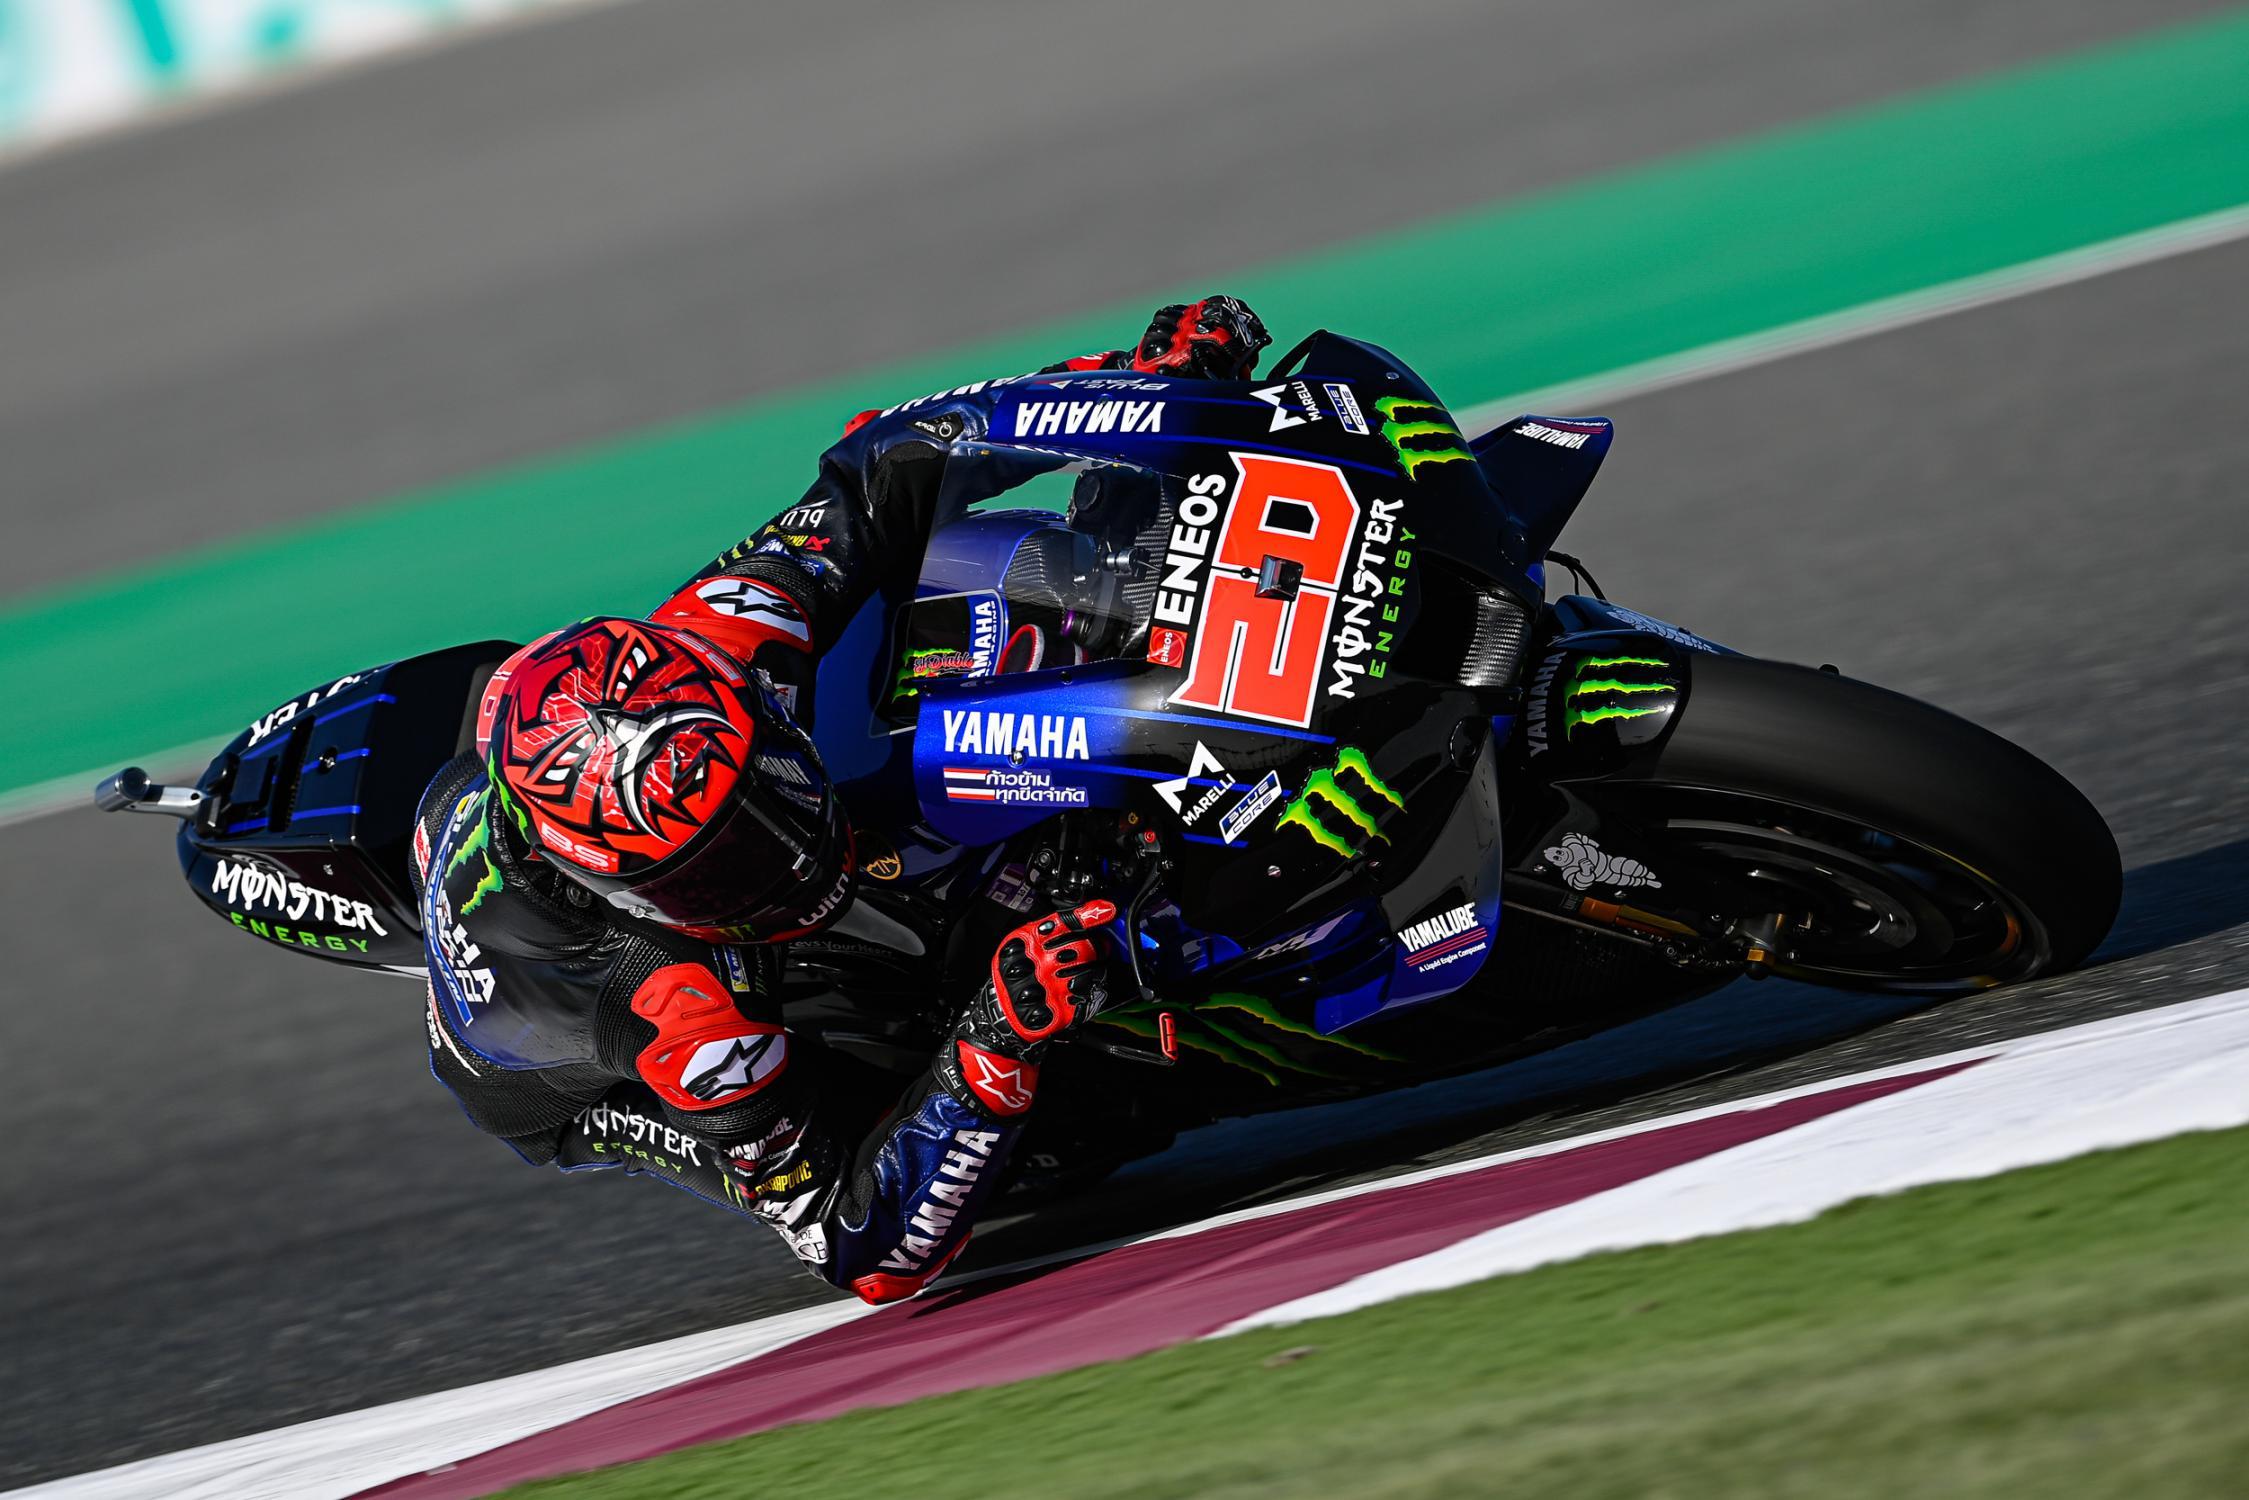 Fabio Quartararo Yamaha